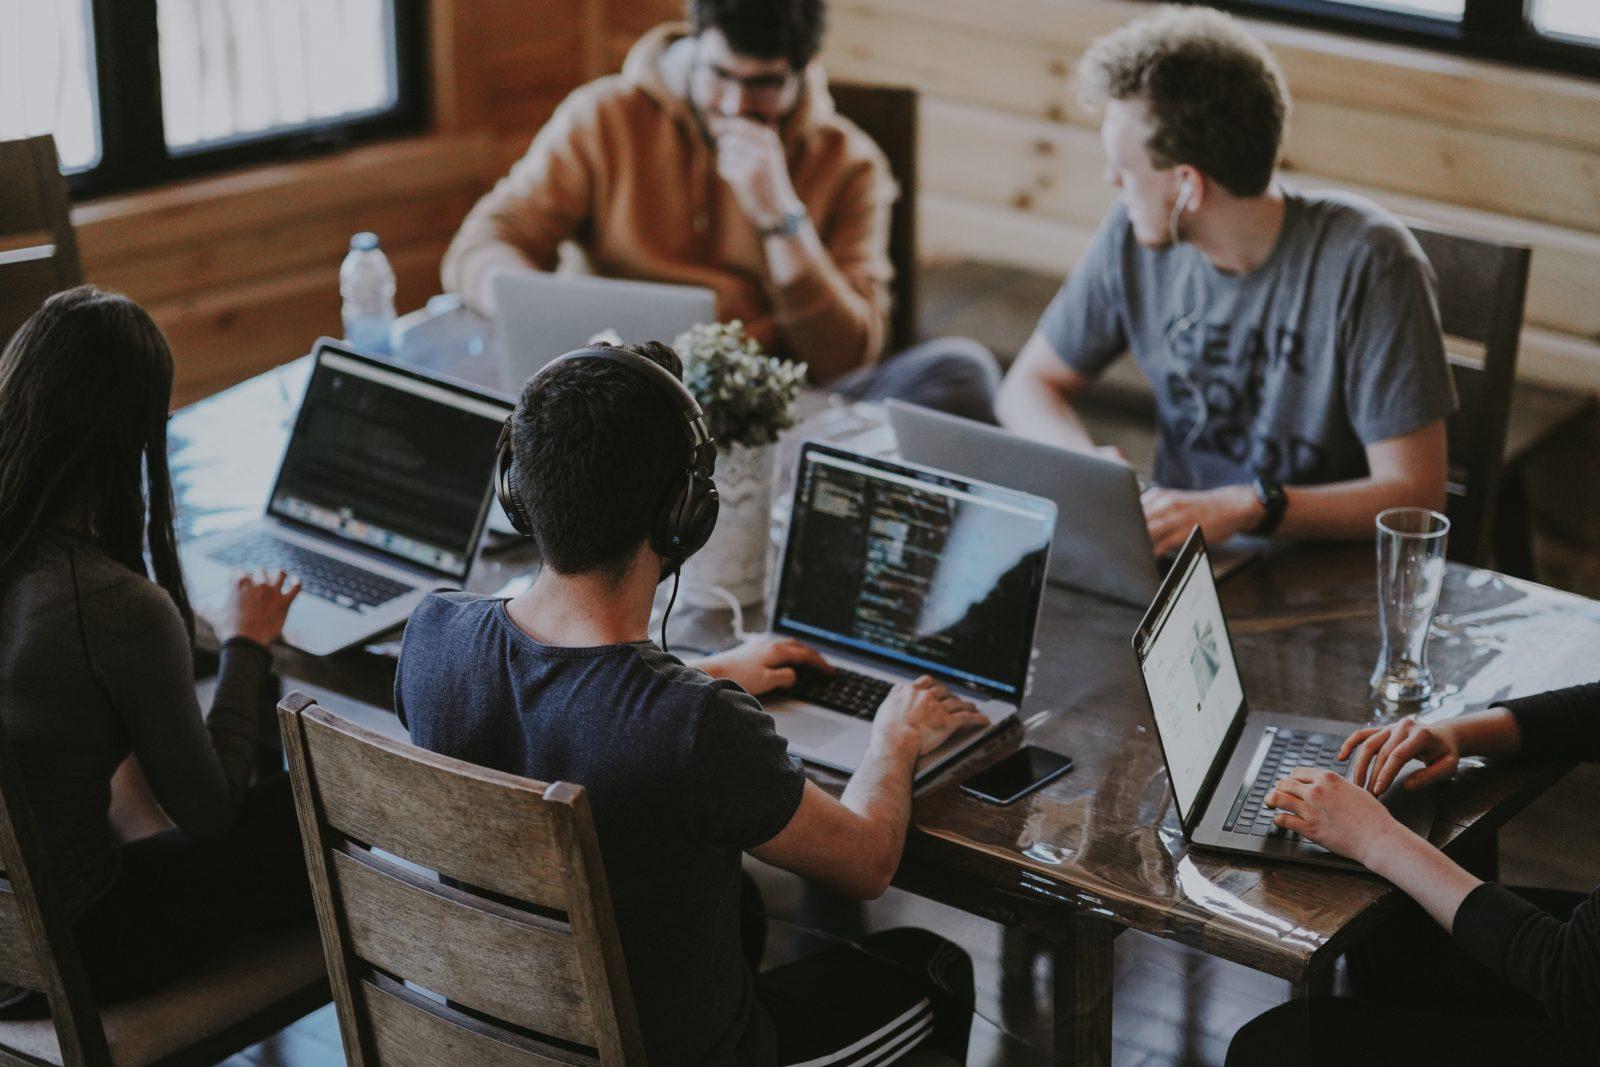 Des gens travaillent sur leur ordinateur et discutent entre eux autour d'une table